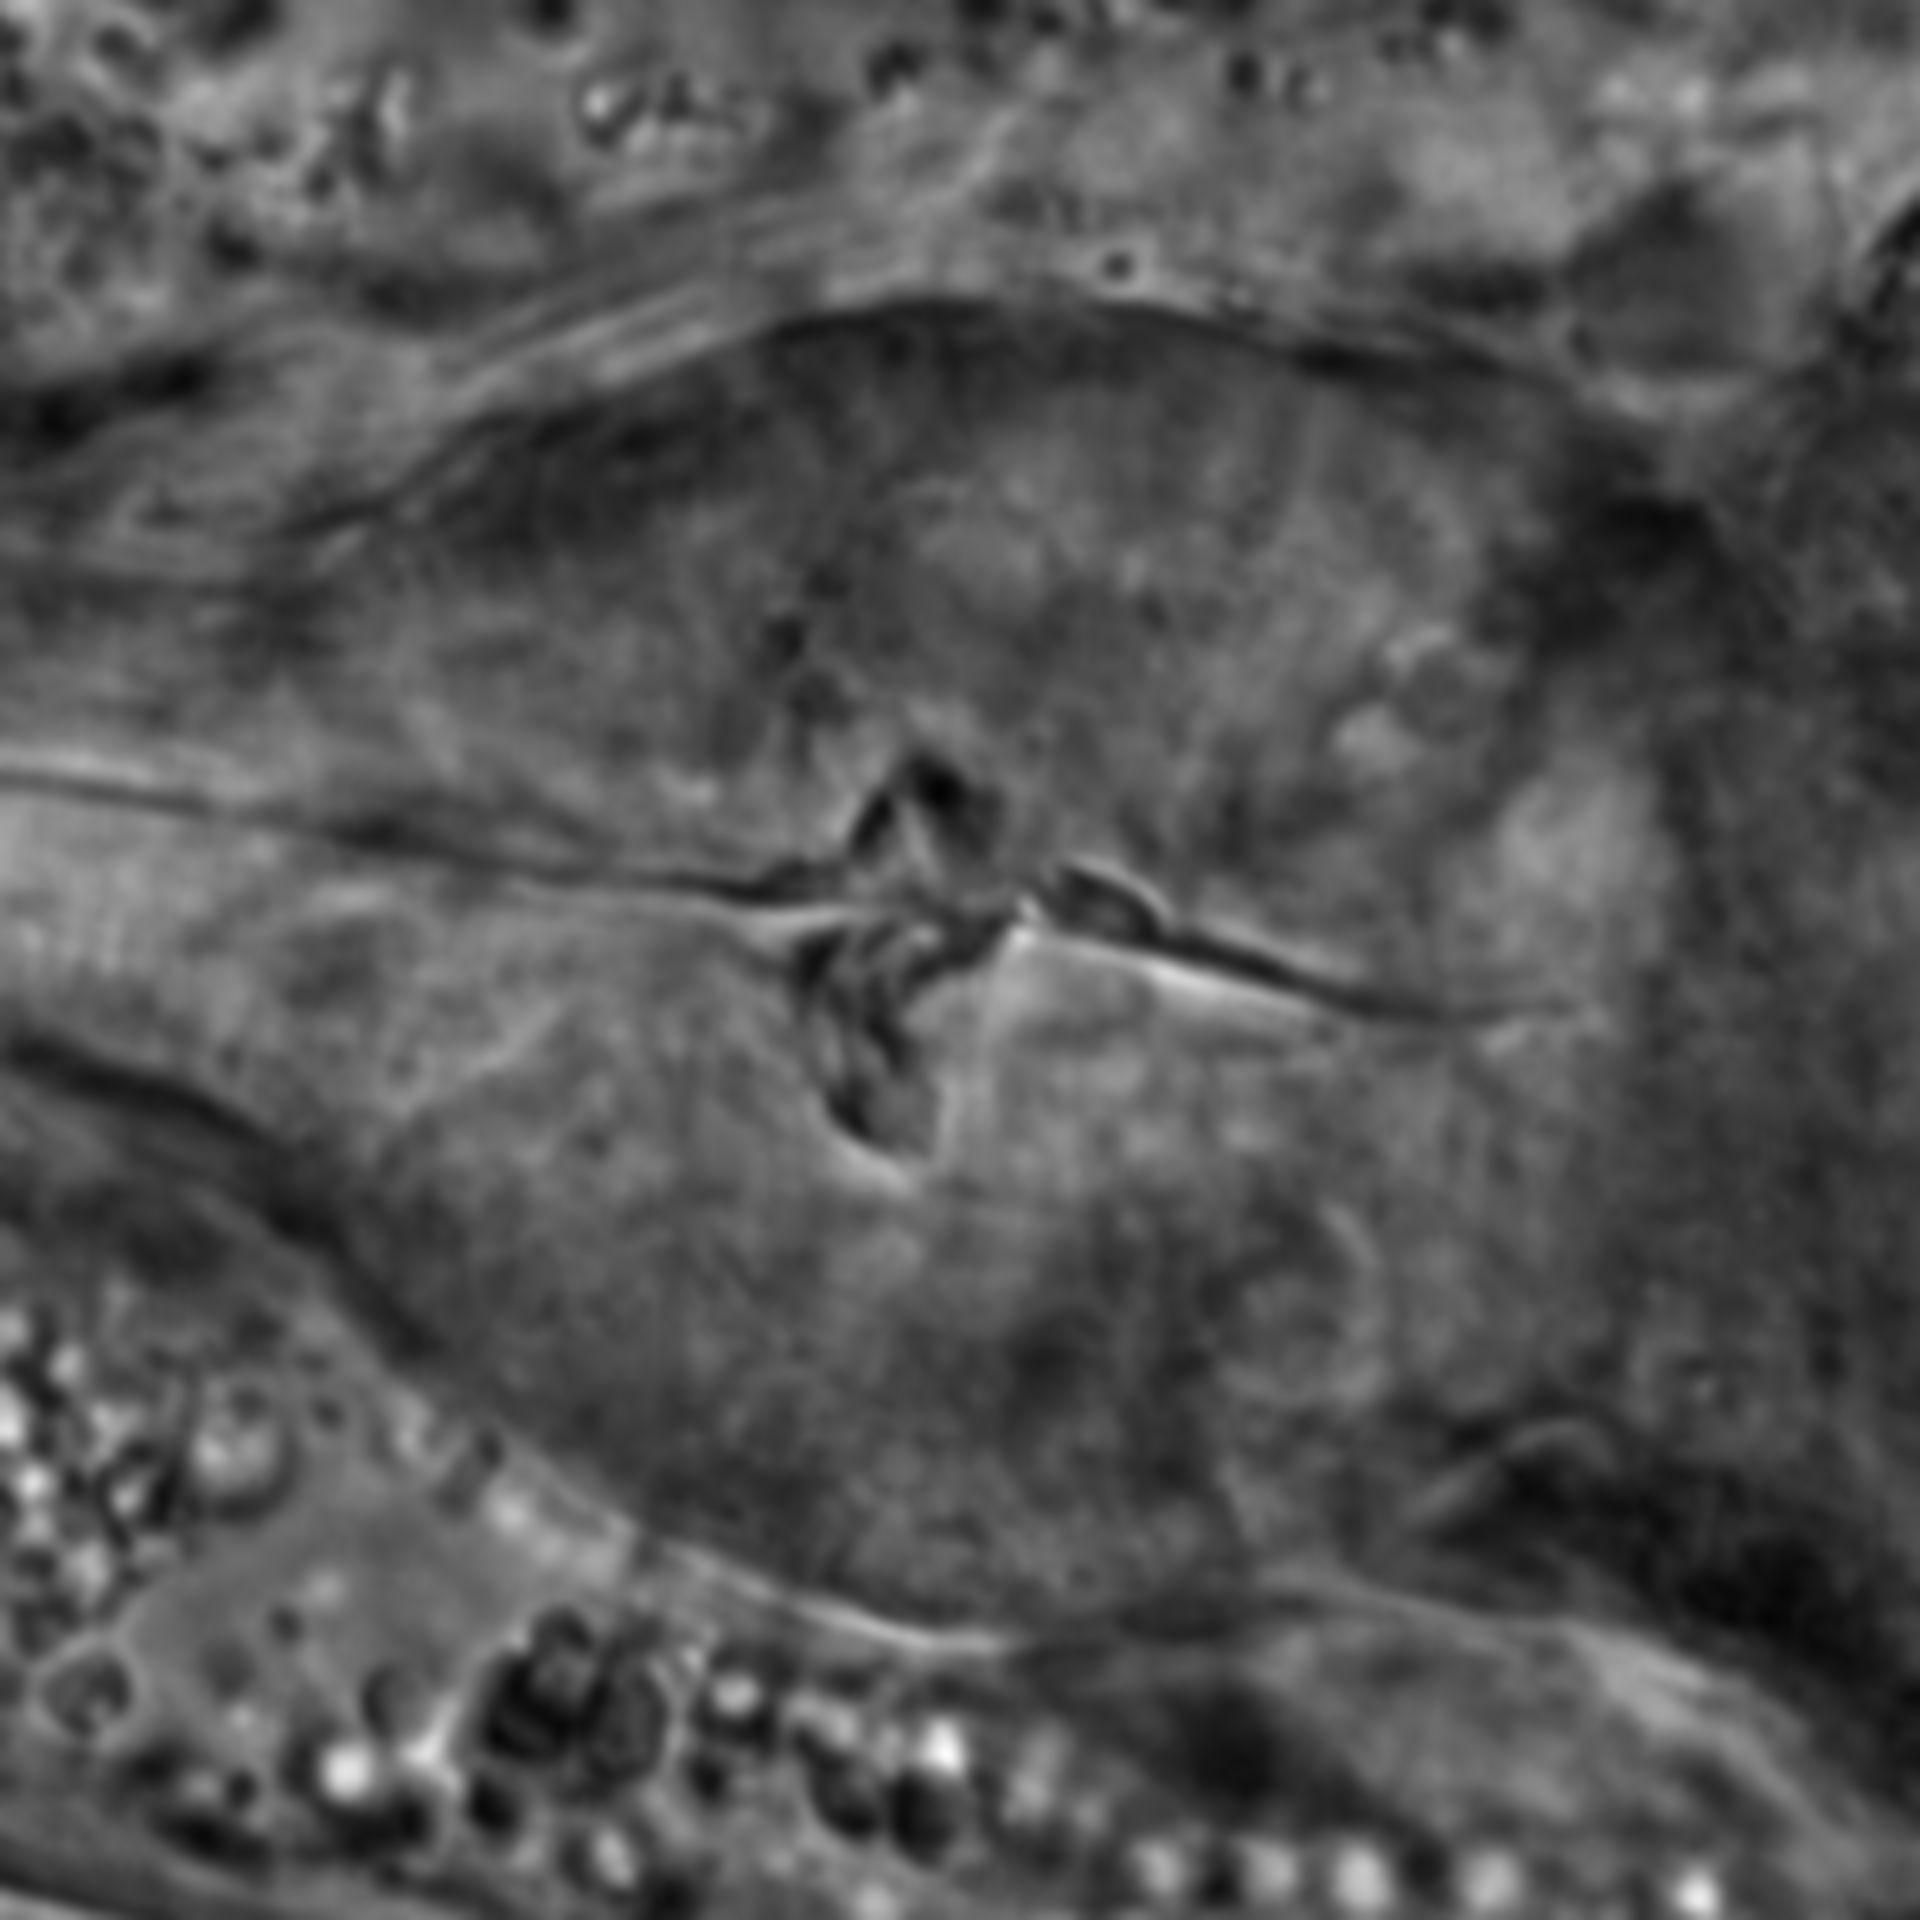 Caenorhabditis elegans - CIL:1765